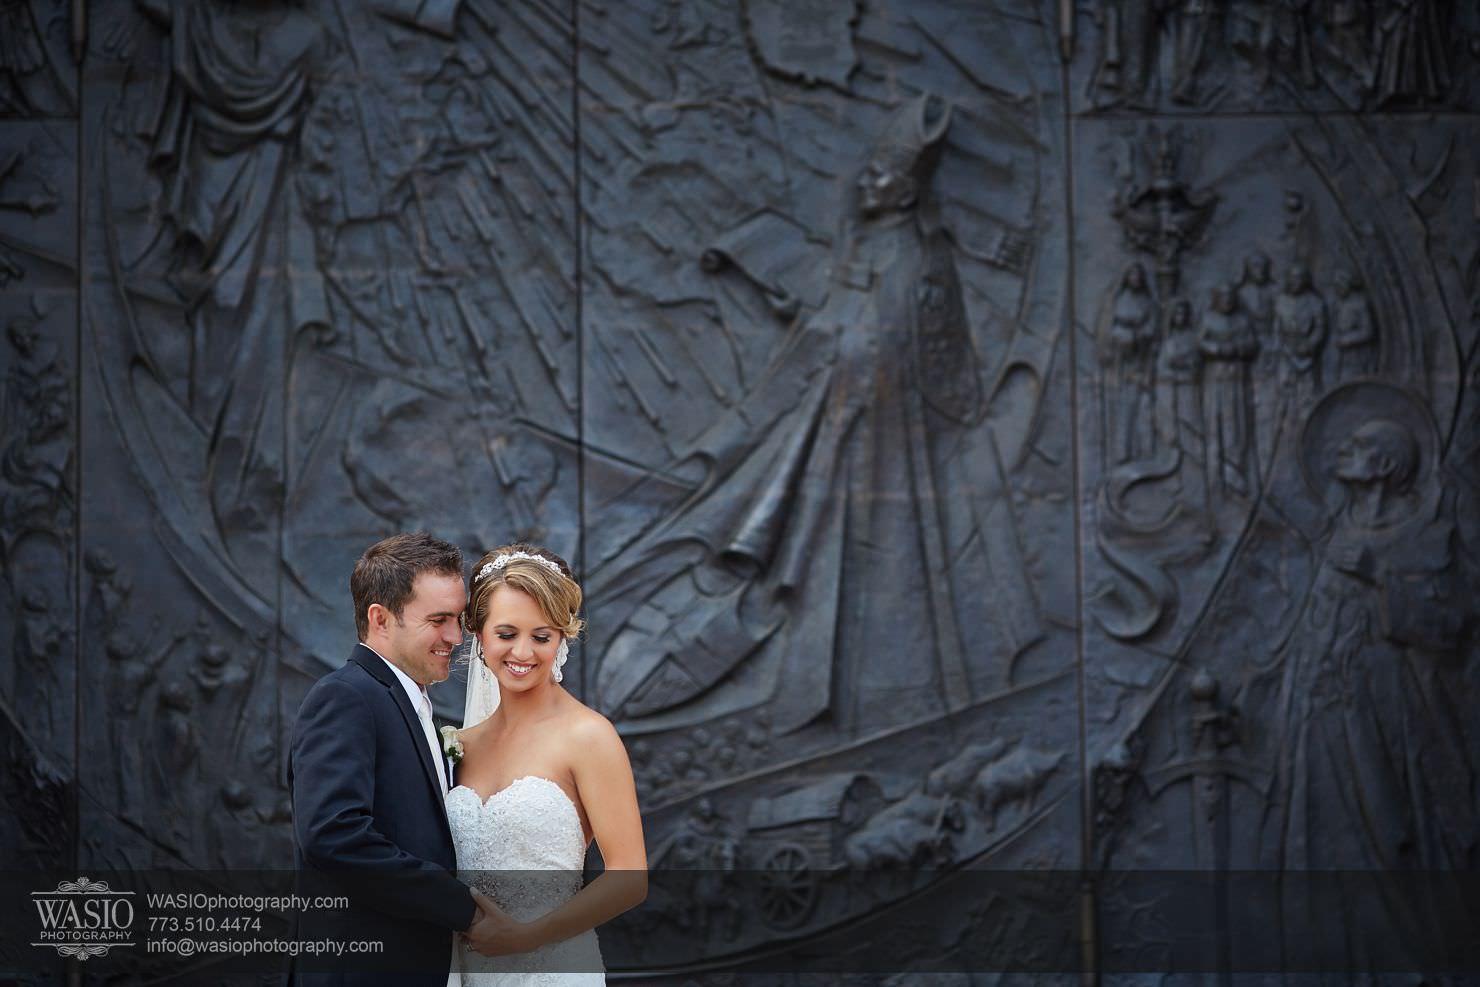 07_Chicago-Summer-Wedding_3P4C3724 Chicago Summer Wedding - Angelica & Pawel